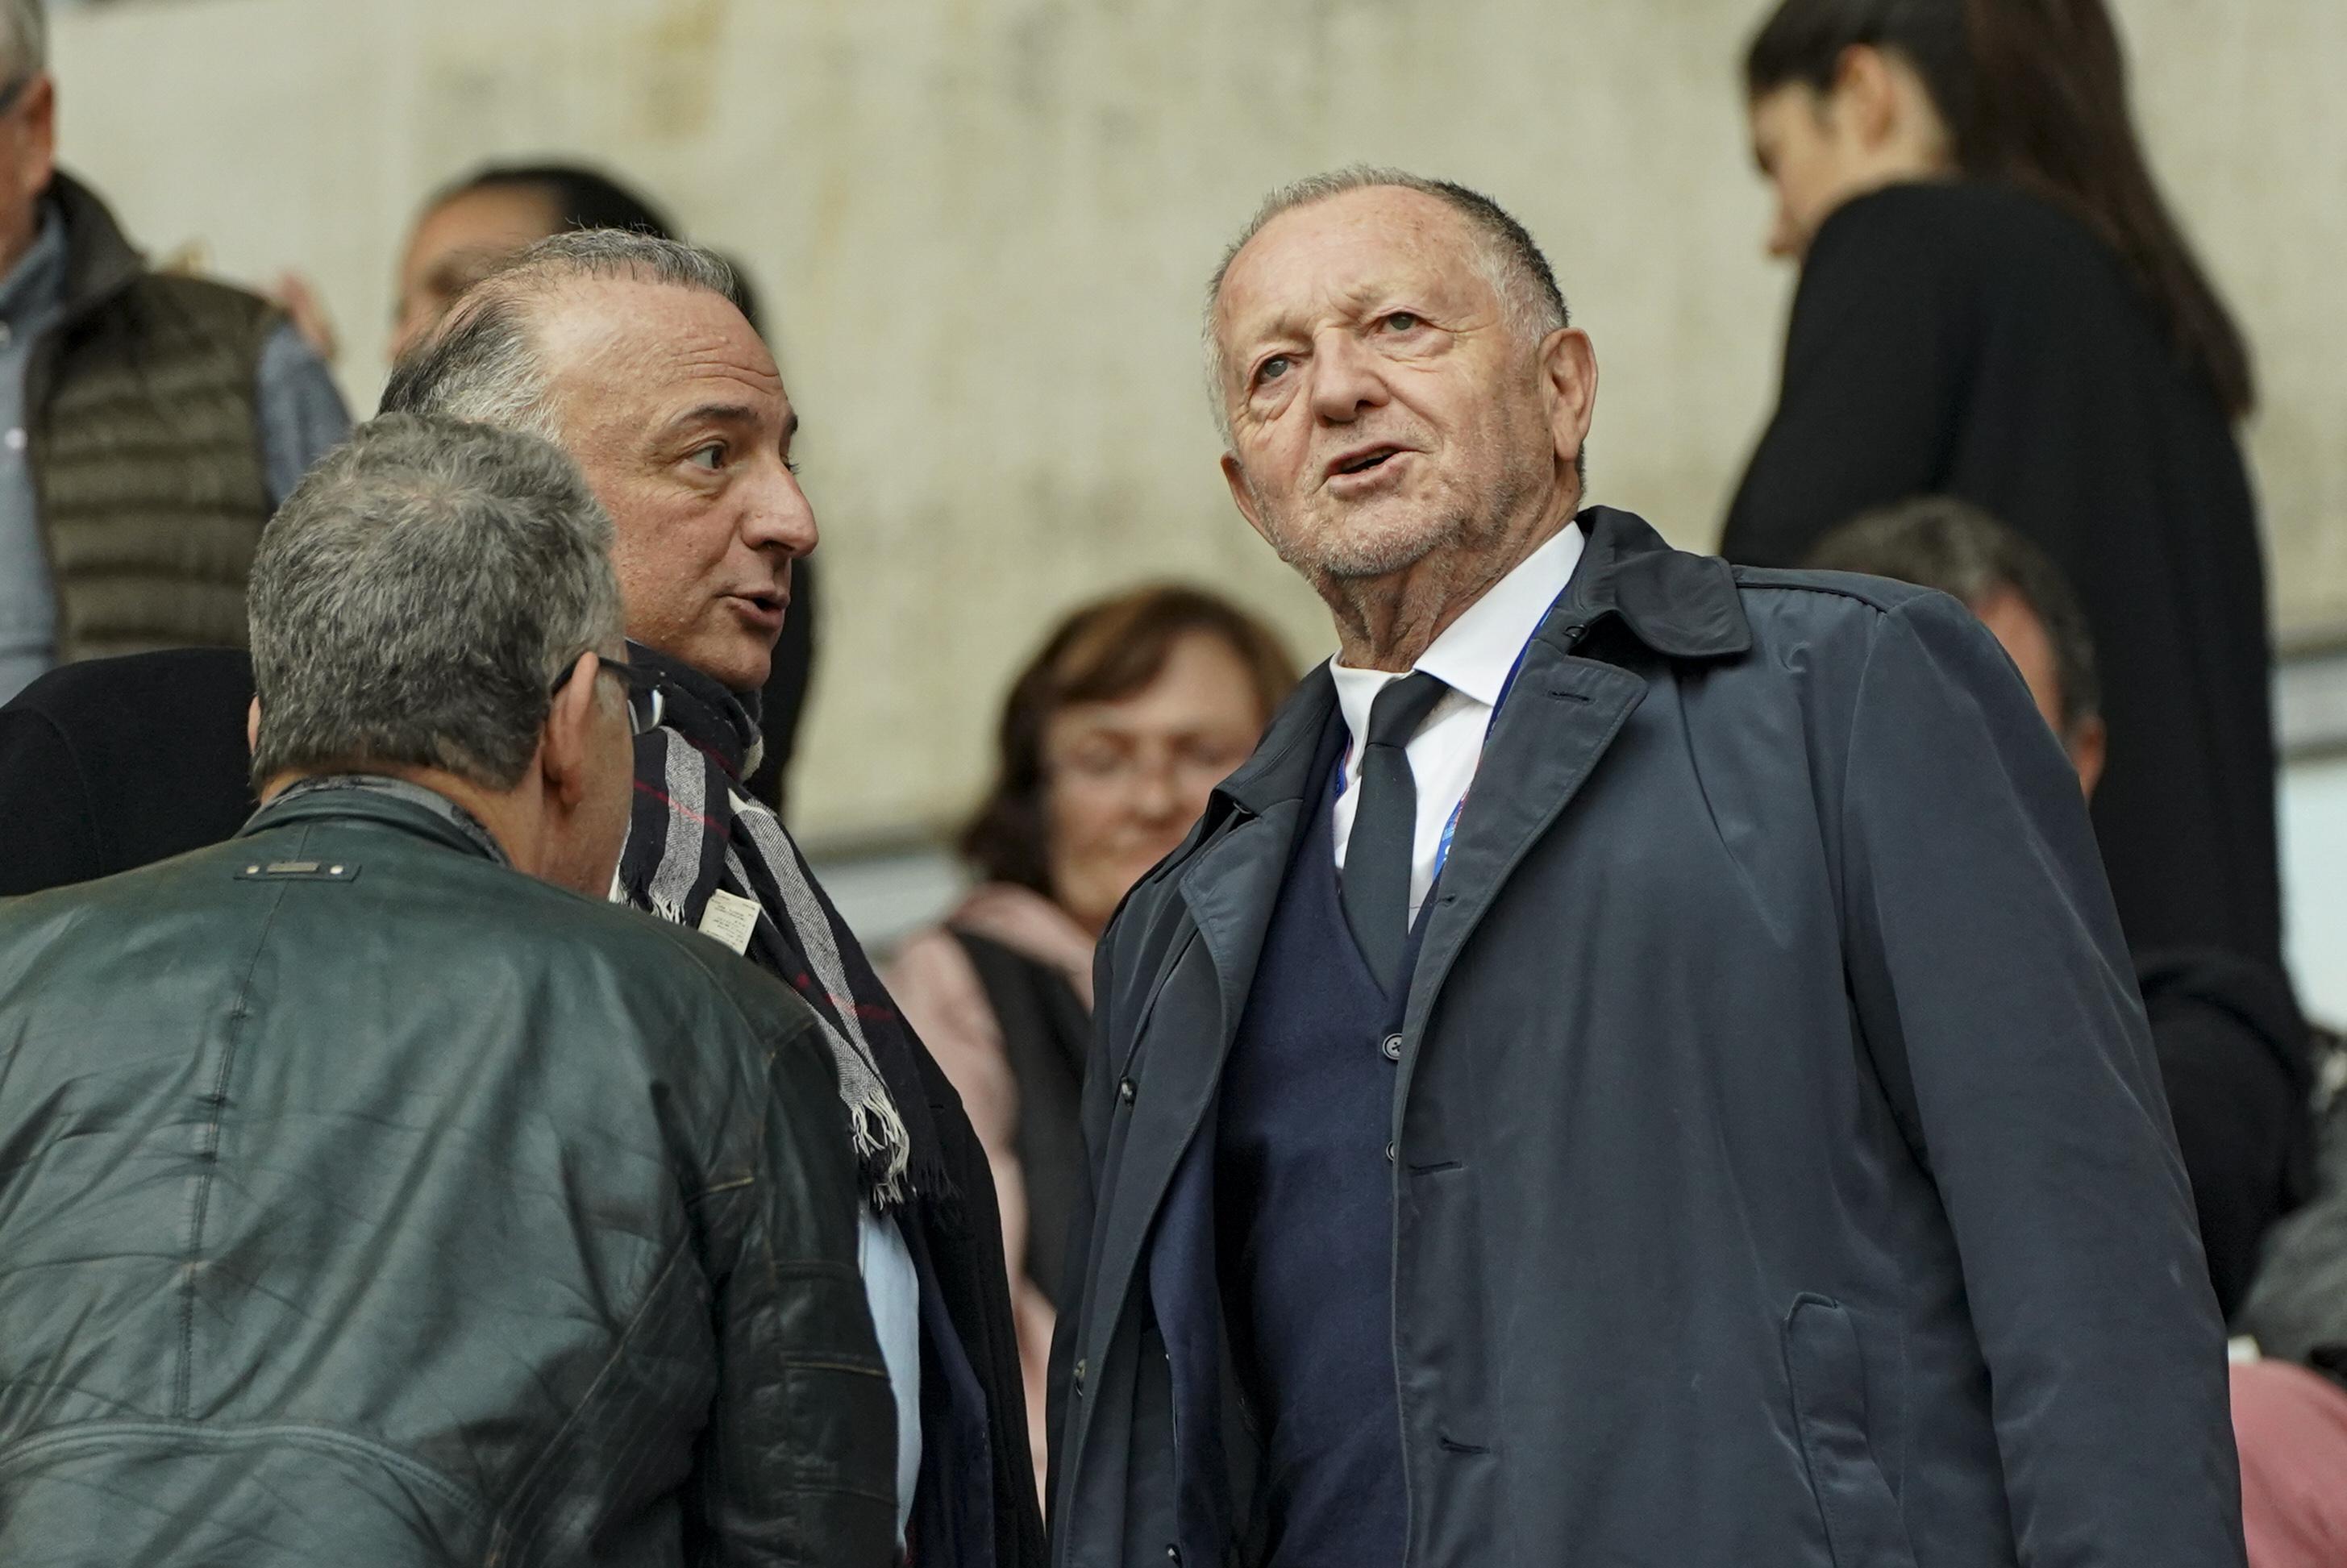 Football - Ligue 1 - Arrêt de la L1 : Aulas demande au Premier ministre et à la ministre des Sports de revenir sur la décision de la LFP